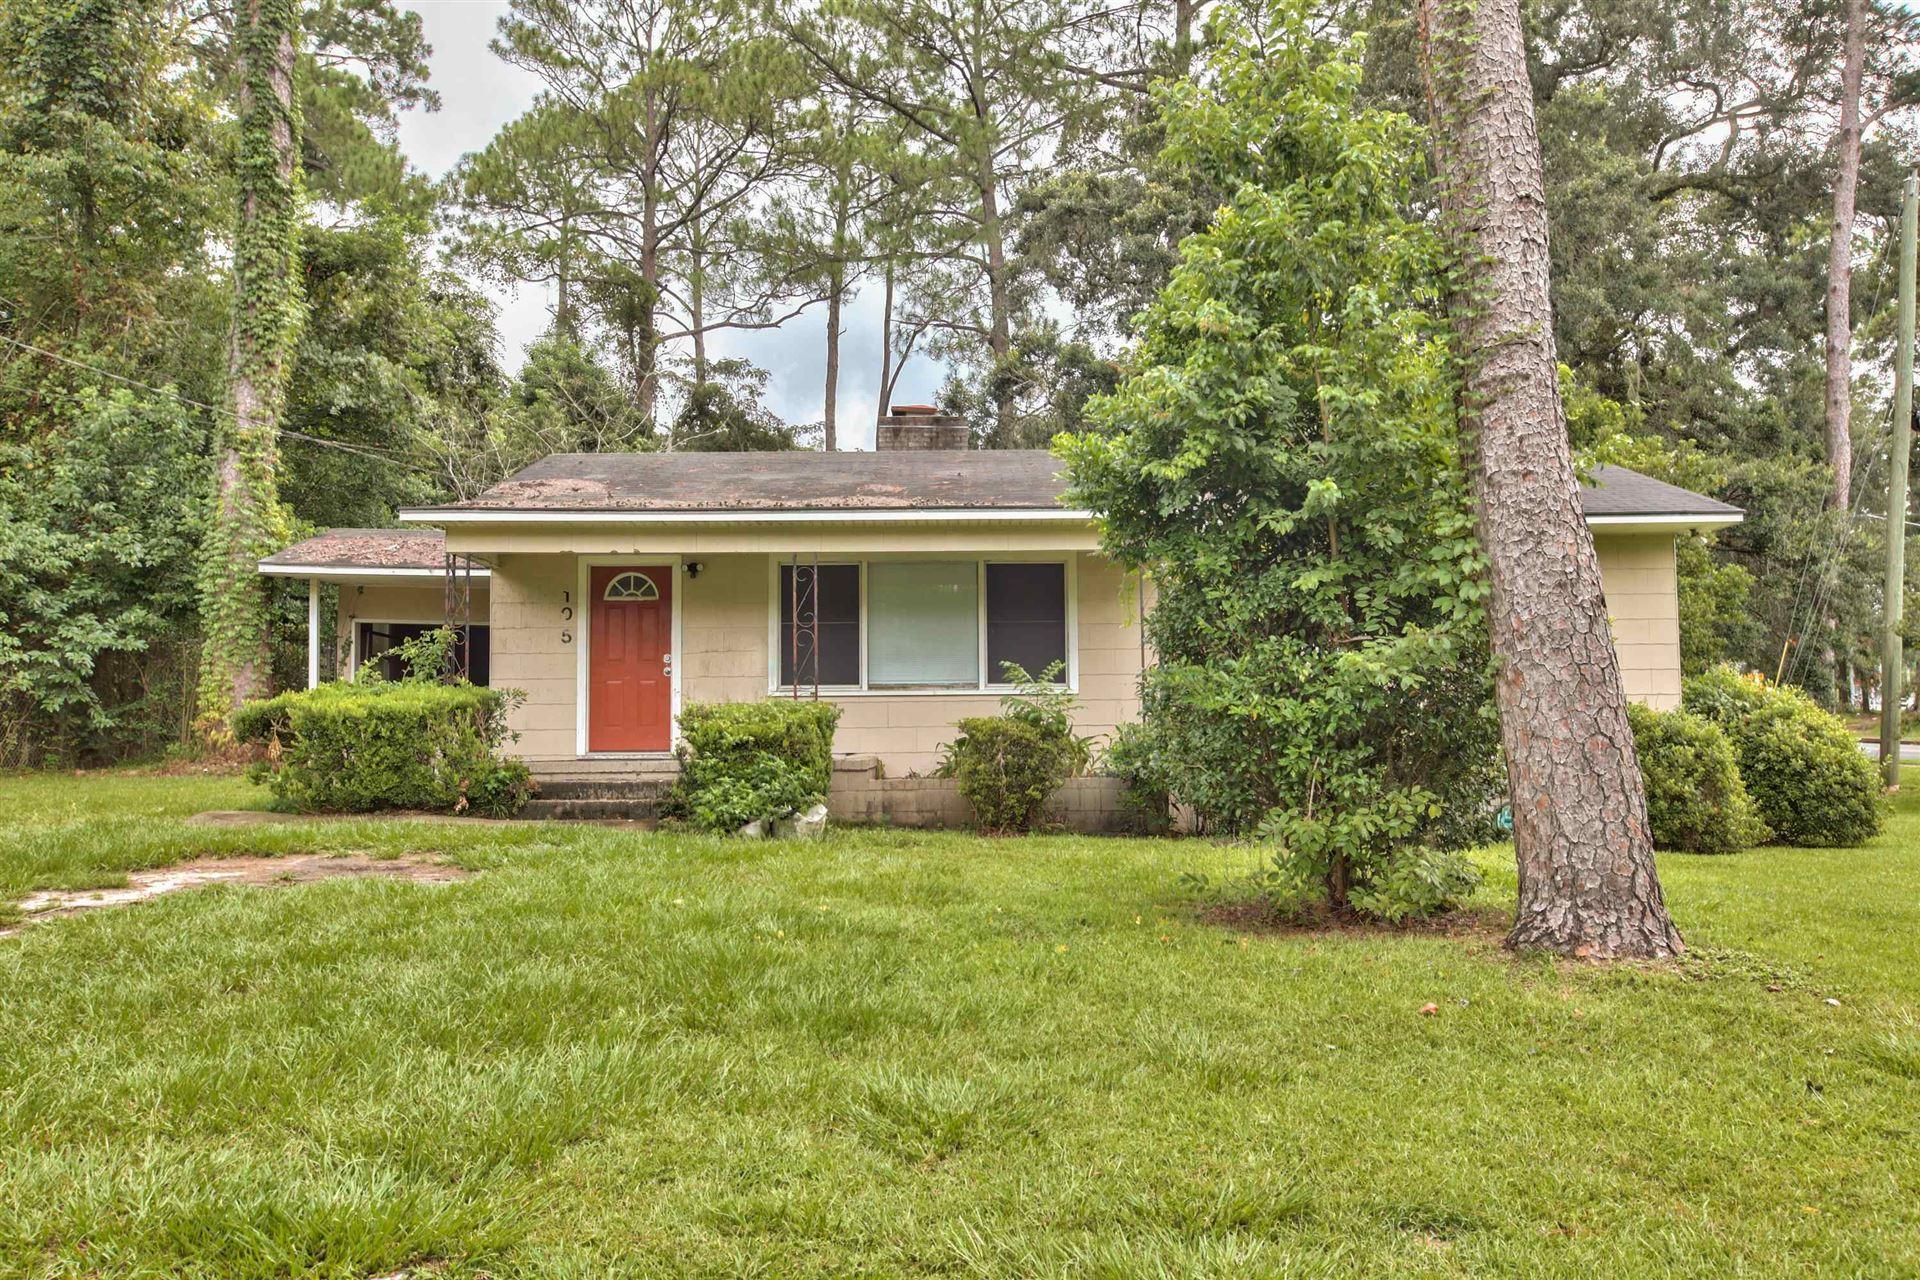 105 Dixie, Tallahassee, FL 32304 - MLS#: 336966